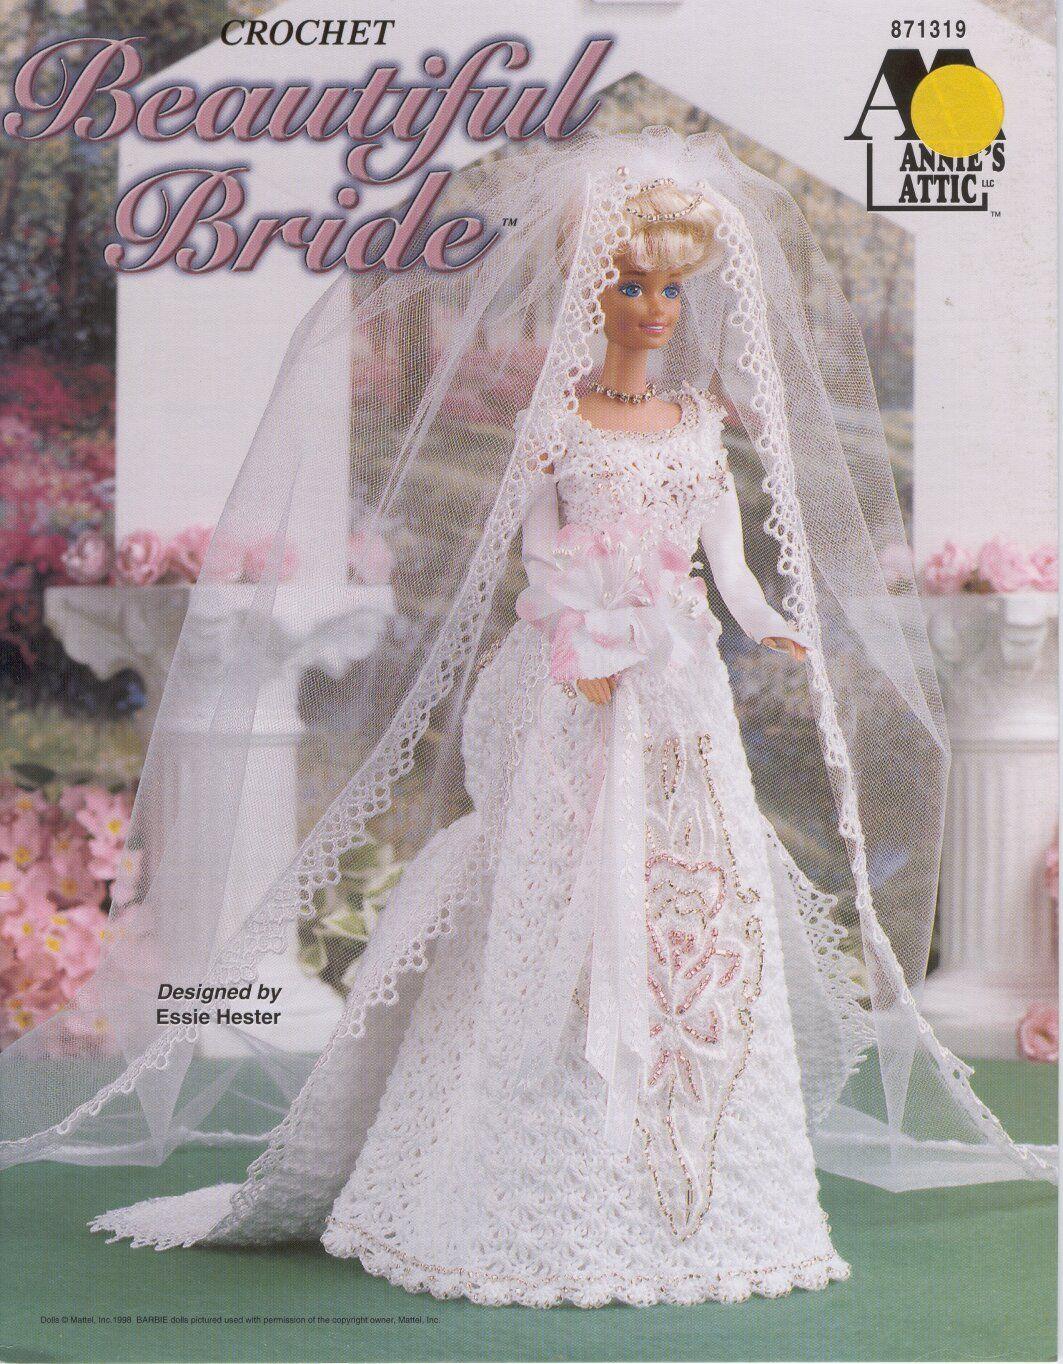 Beautiful Bridal Gown For Barbie Free Crochet Pattern Crochet Kingdom